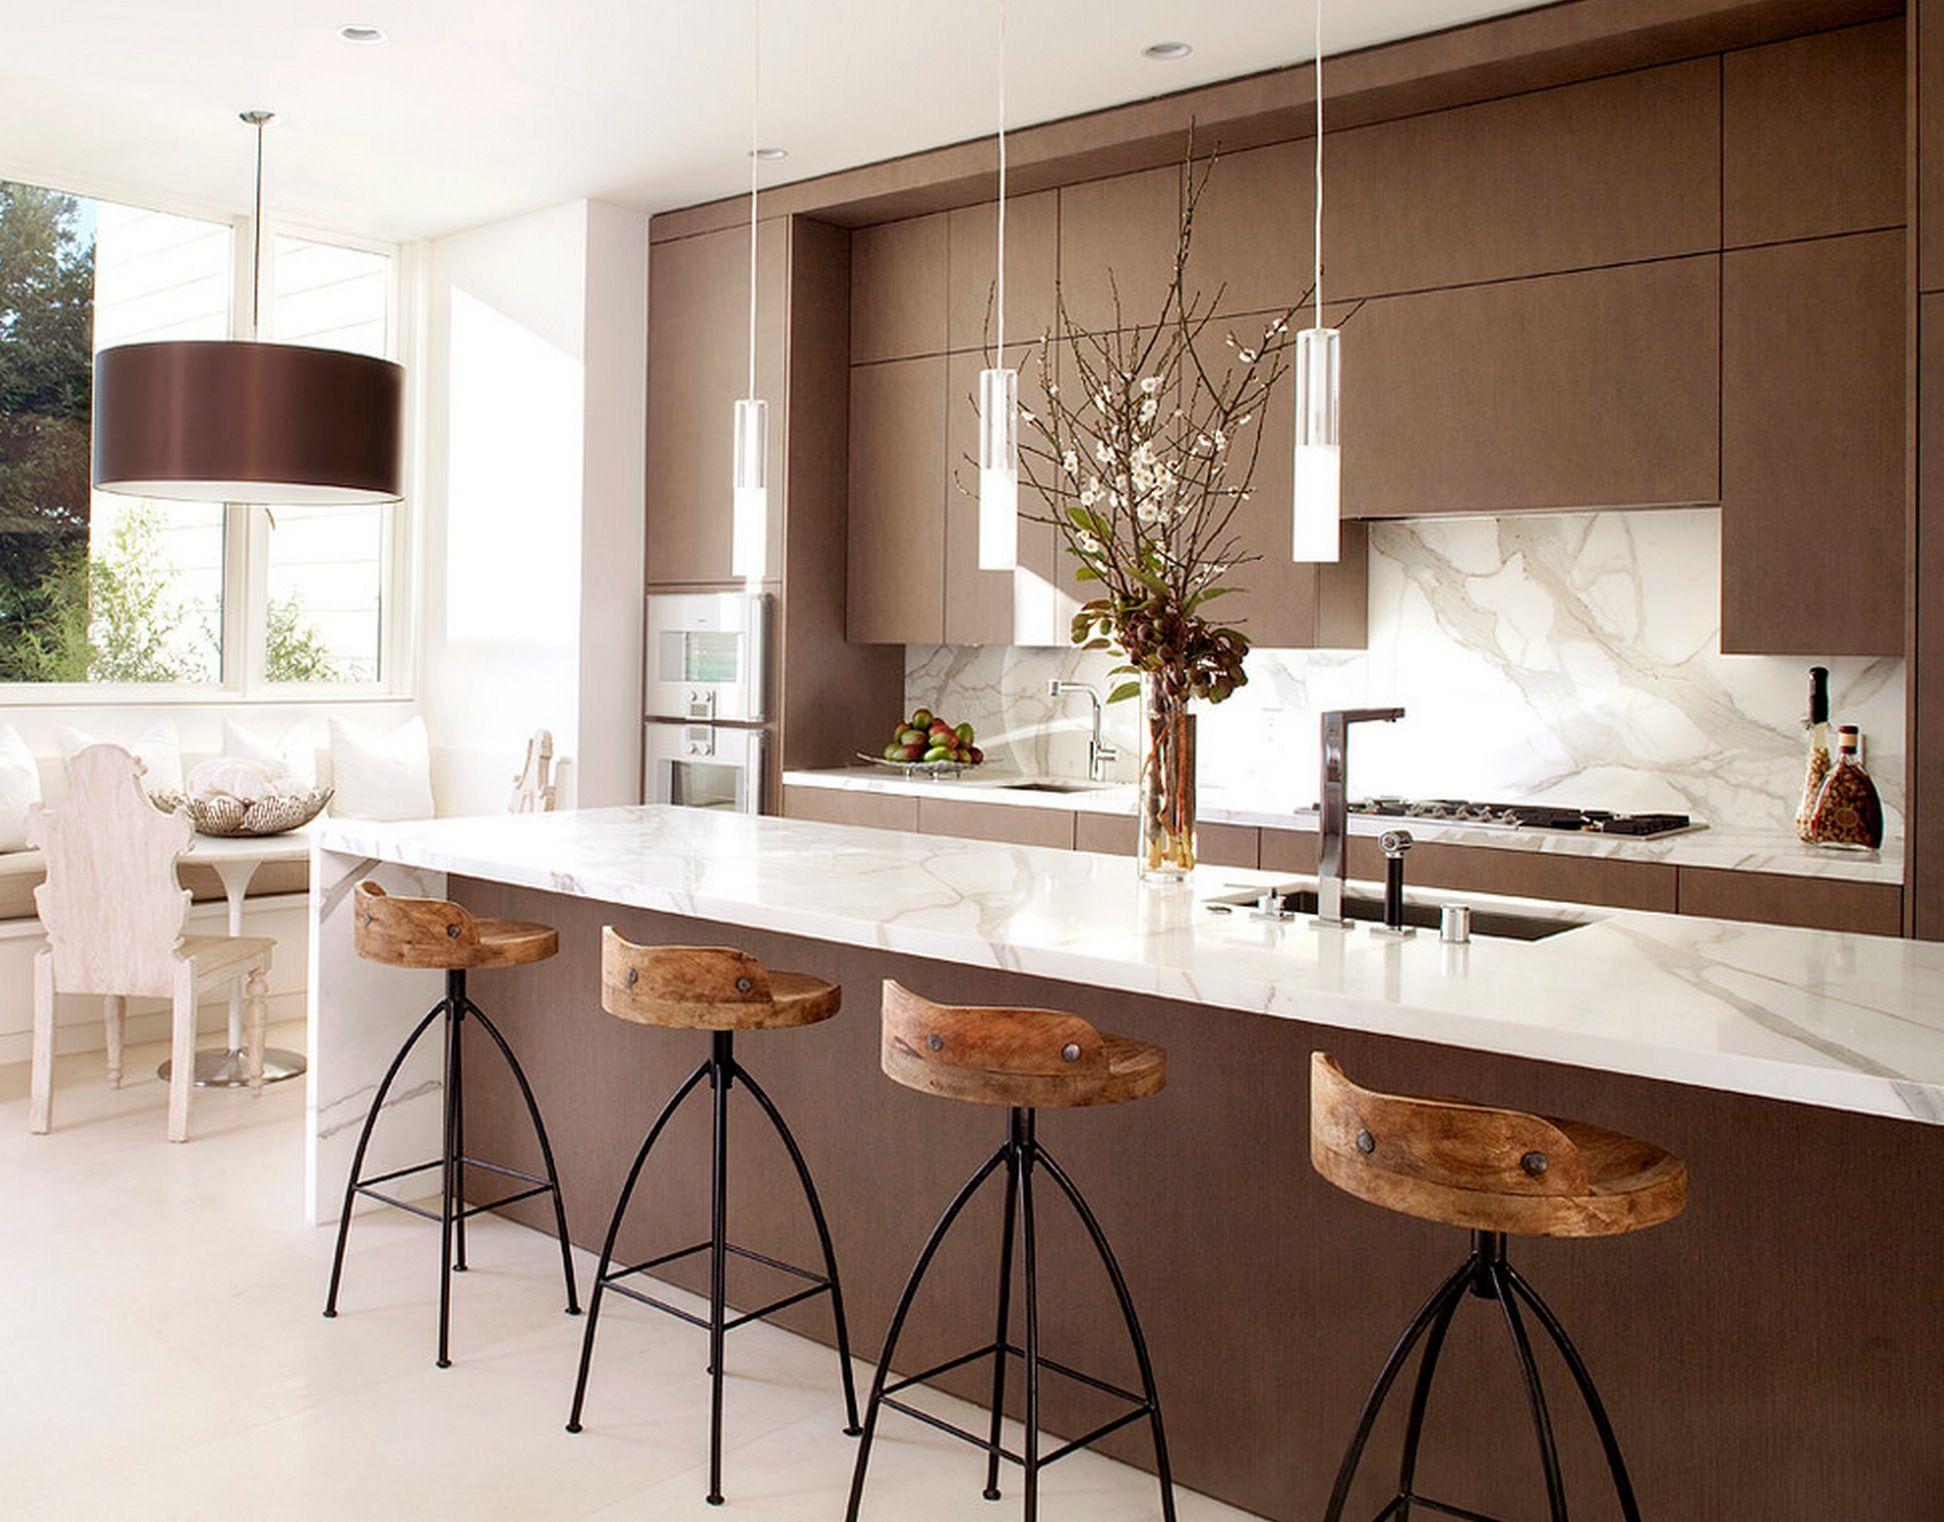 Kitchen Design August 2014 101